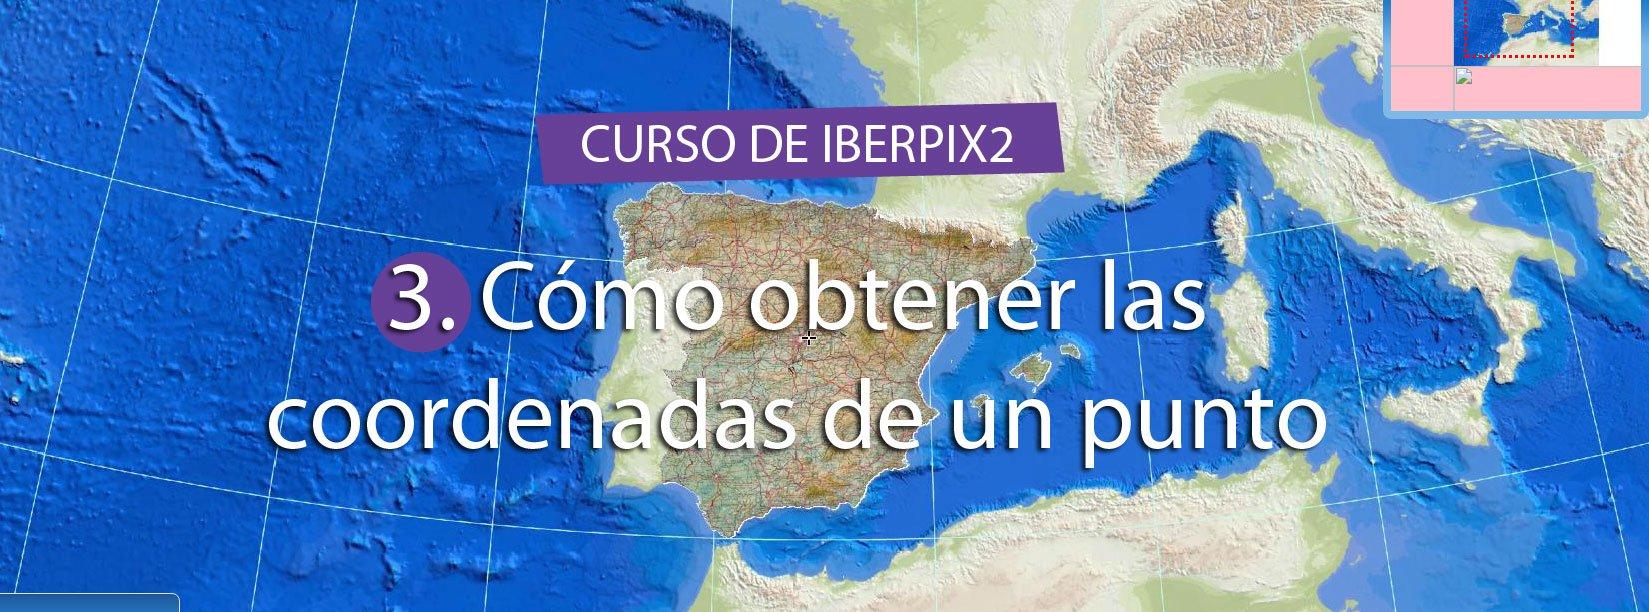 Curso de IBERPIX2 – Cap.03 Cómo obtener las coordenadas de un punto determinado